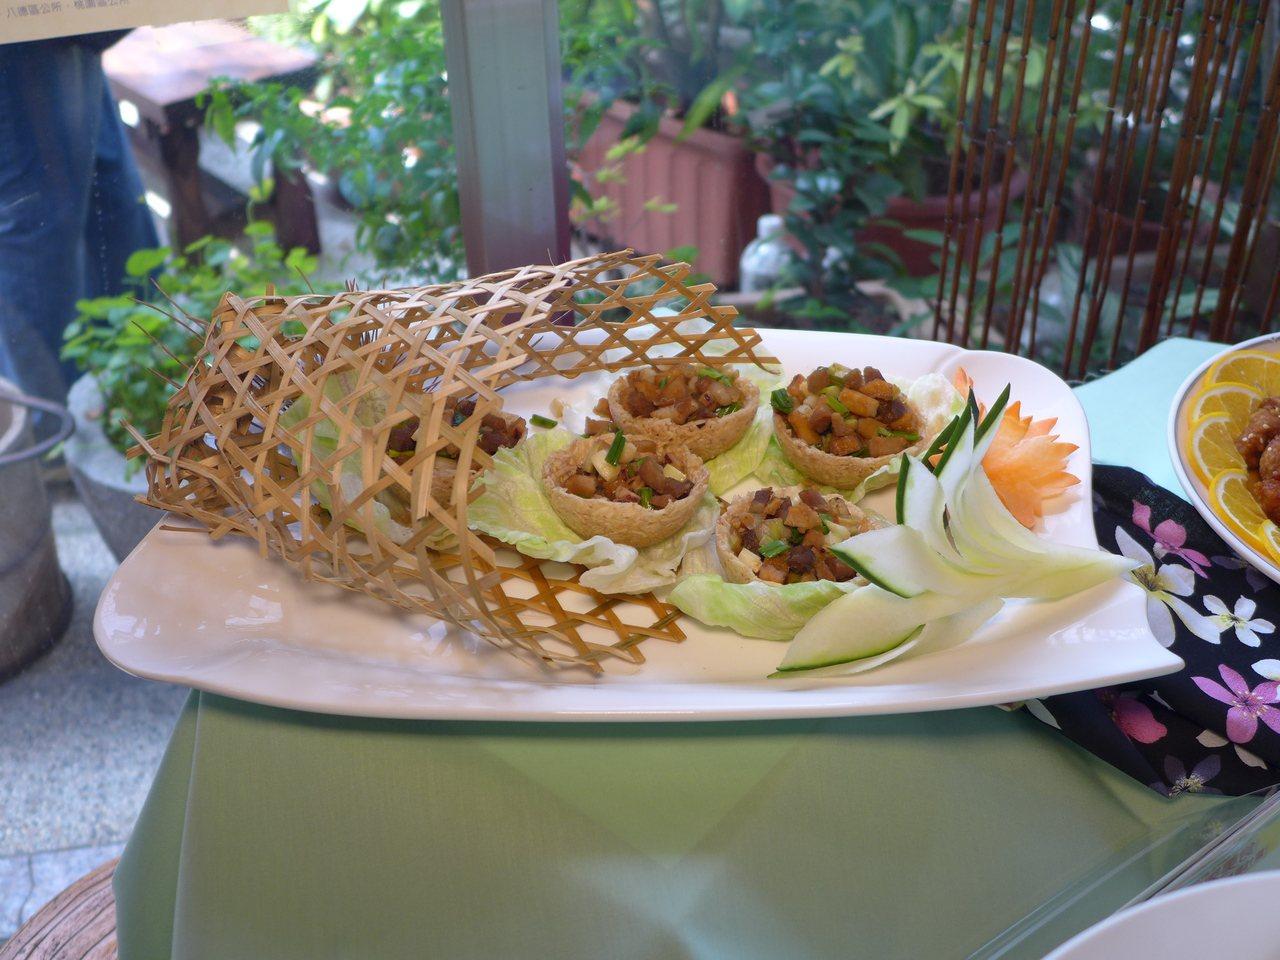 桃園客家美食HAKKA FOOD餐廳輔導計畫,研發出的創新料理「客家小炒鬆」。圖...